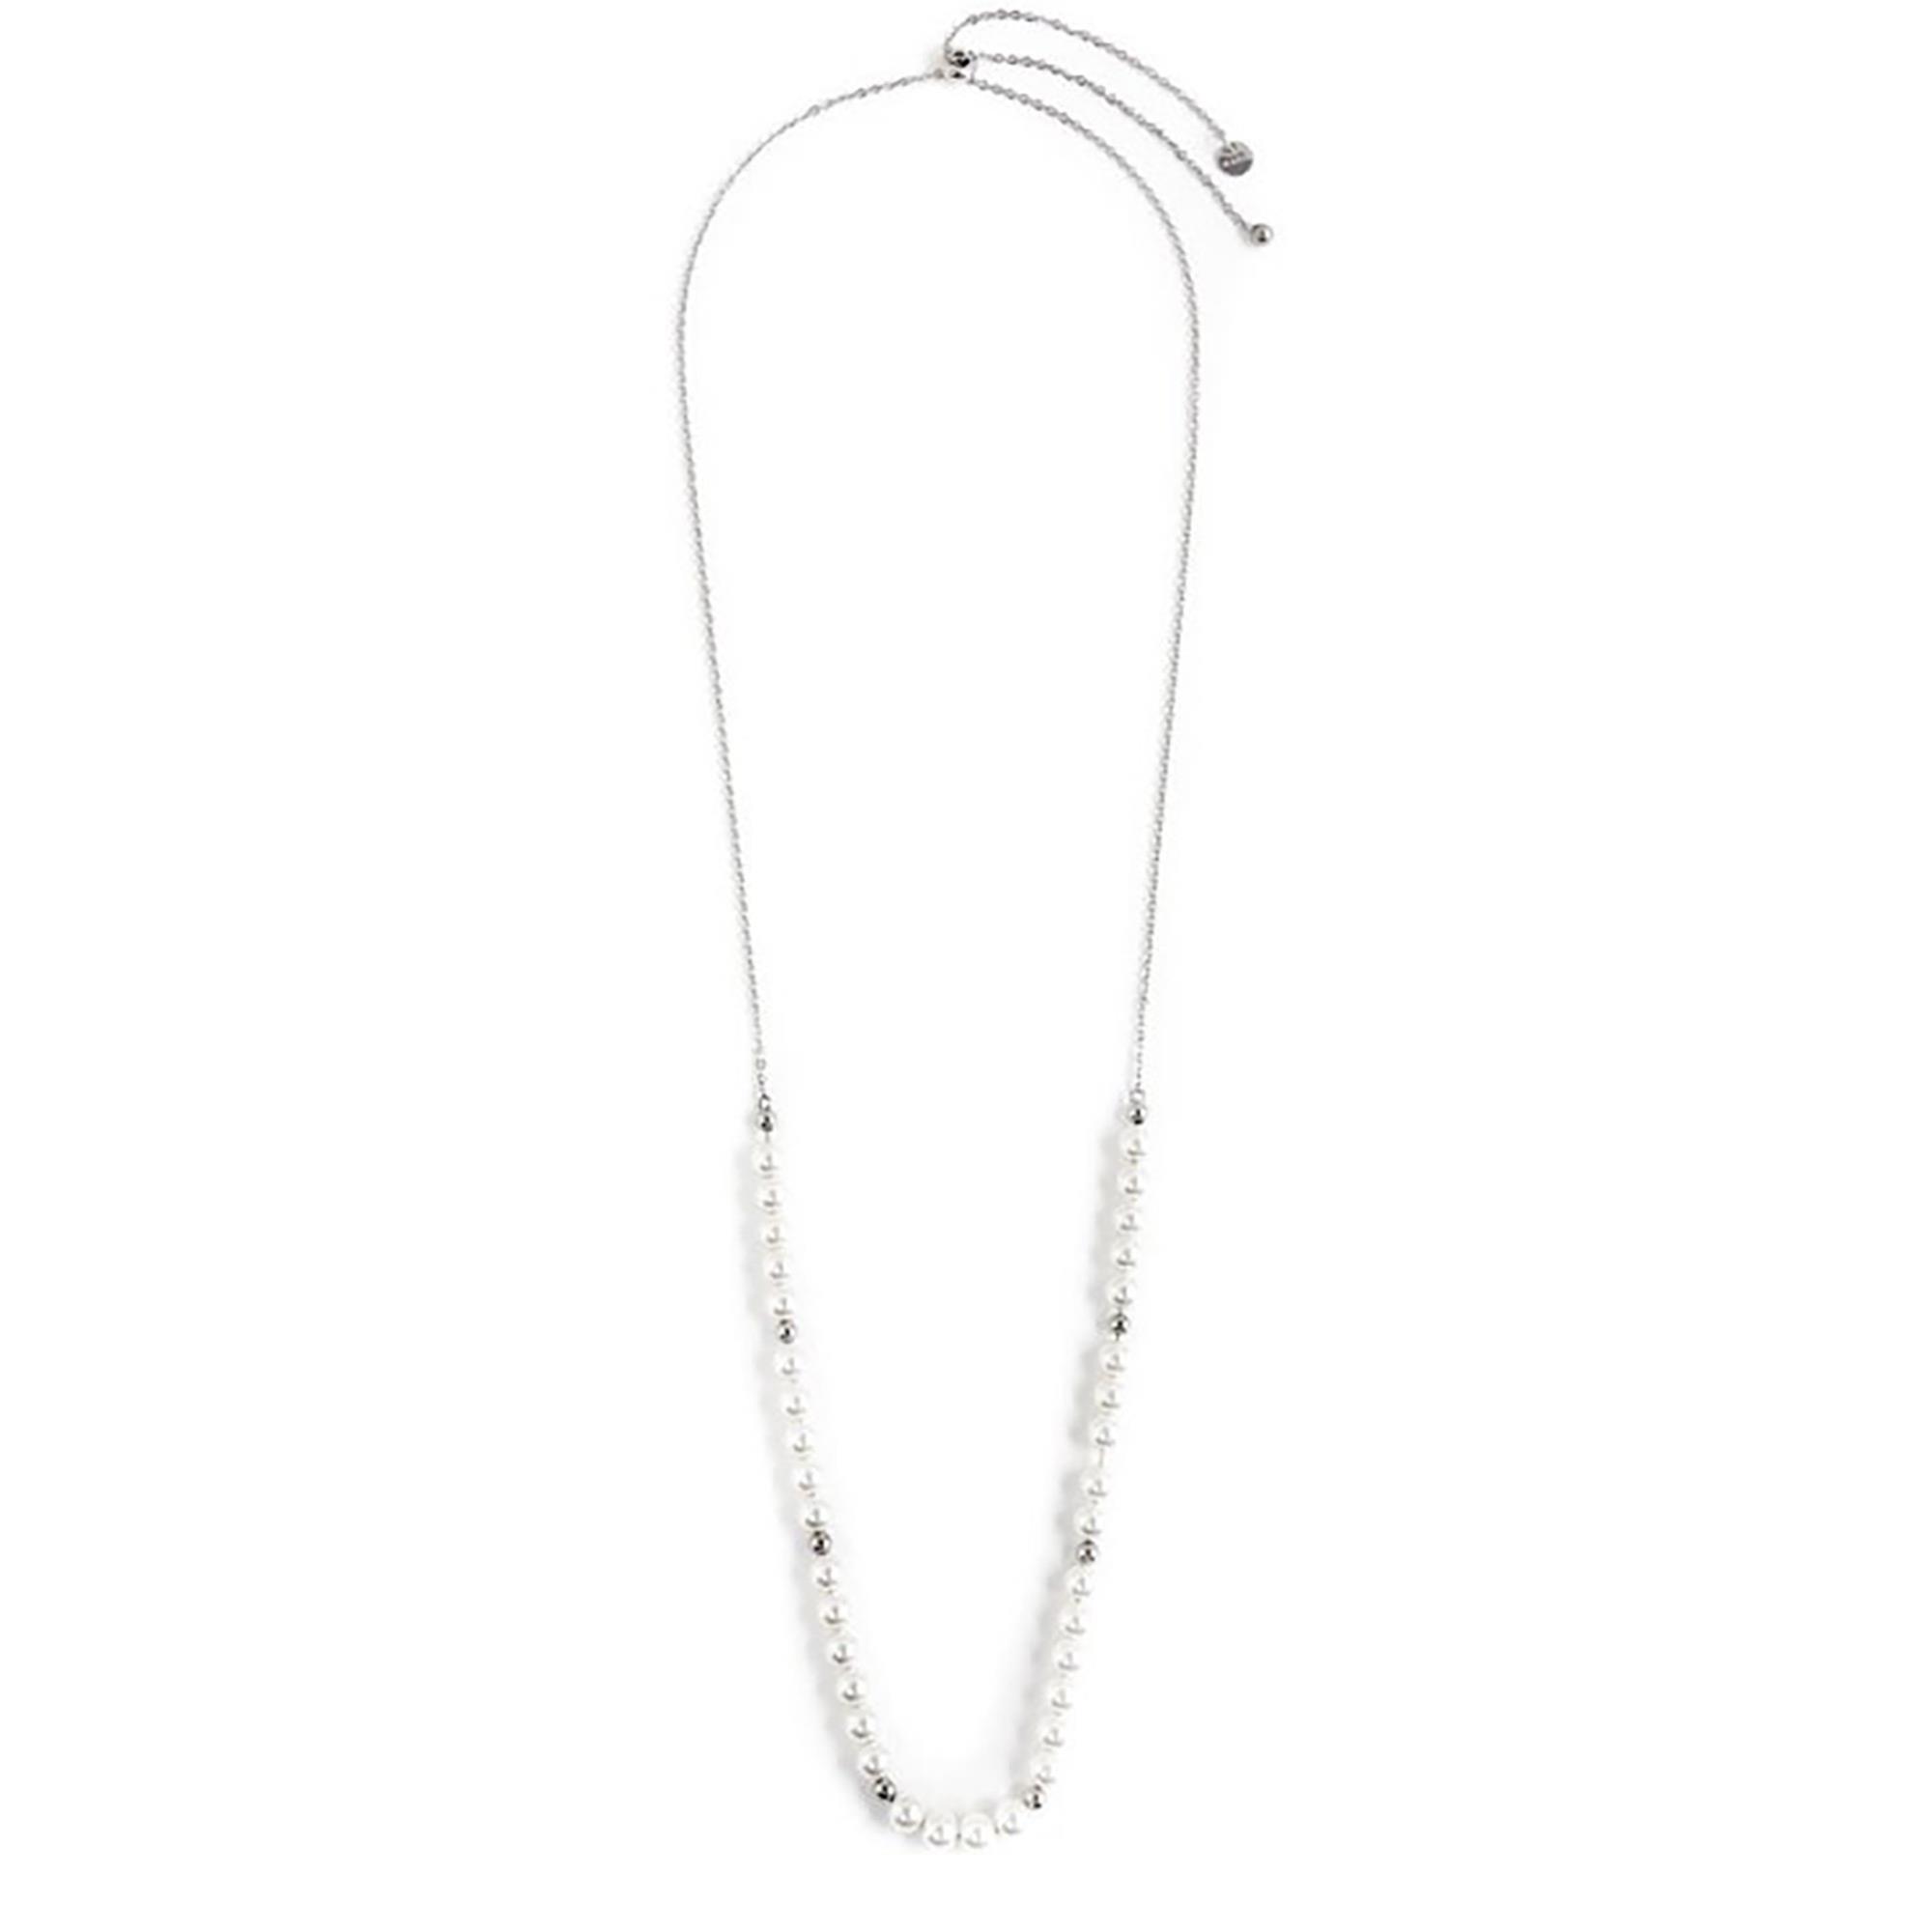 Collana Lunga Con Perle Sintetiche 6 Mm - MARLÙ